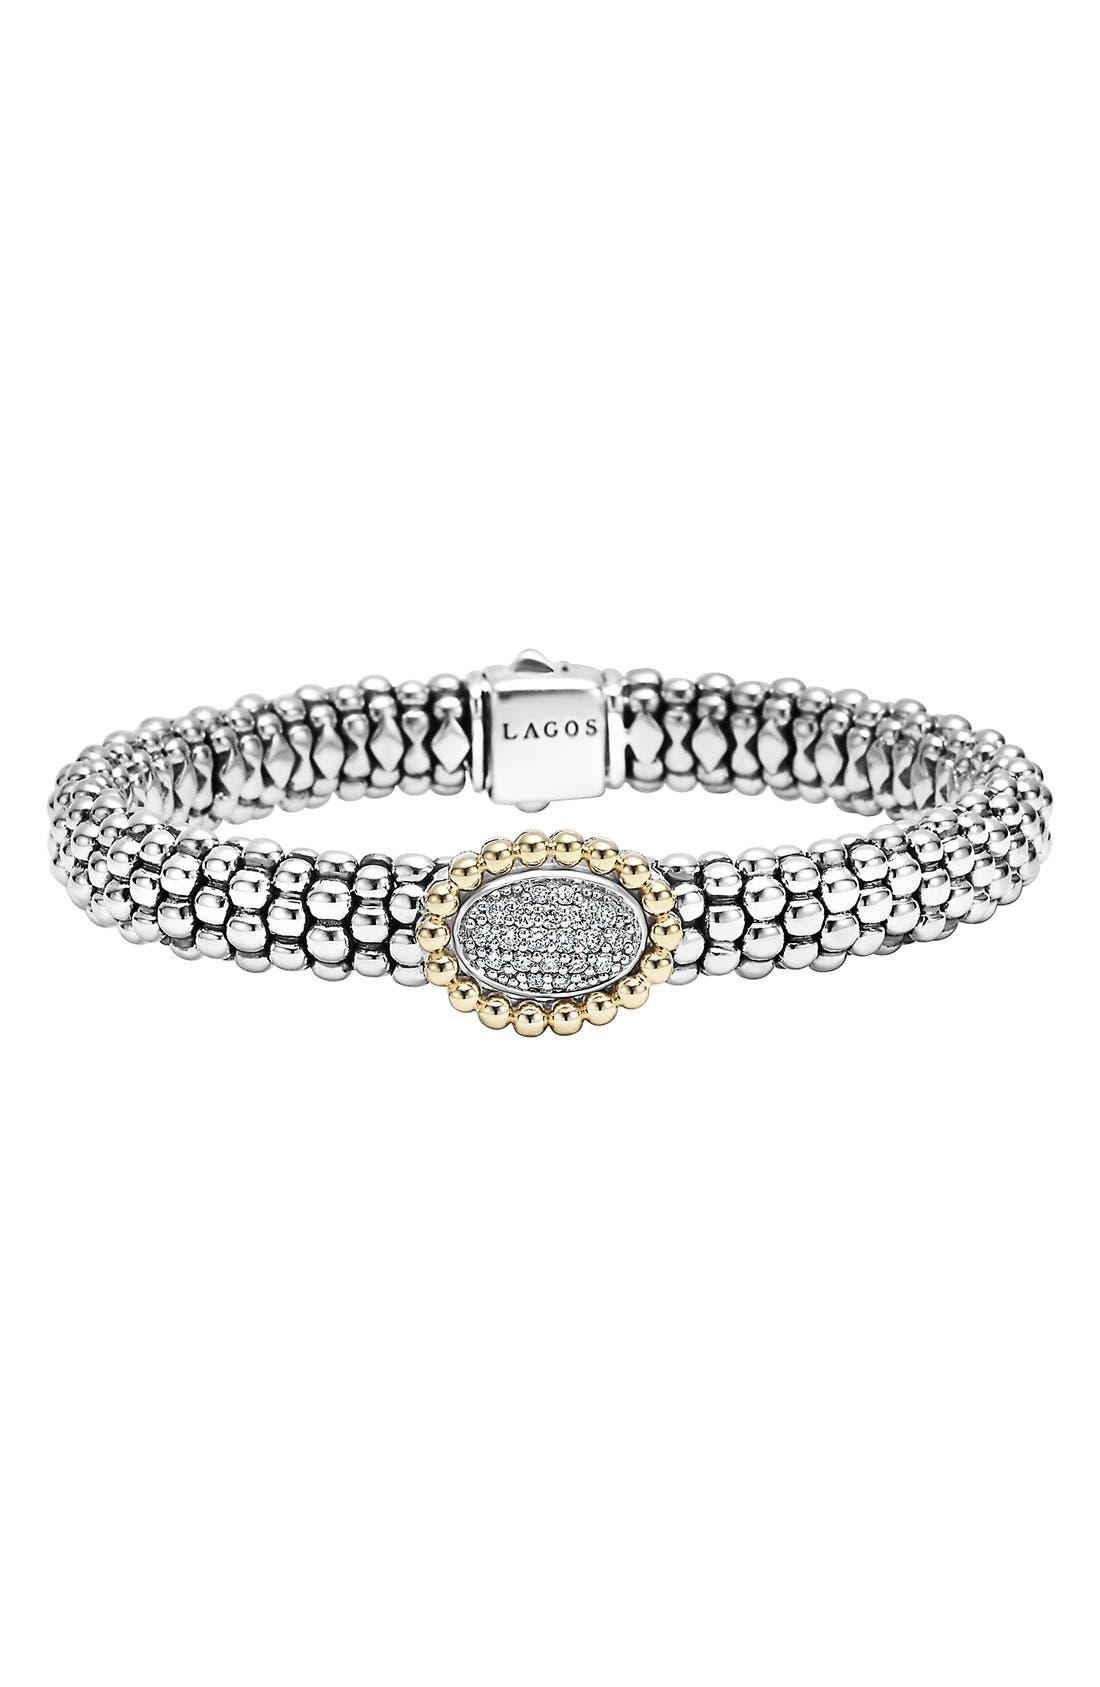 Alternate Image 1 Selected - LAGOS 'Caviar' Diamond Bracelet